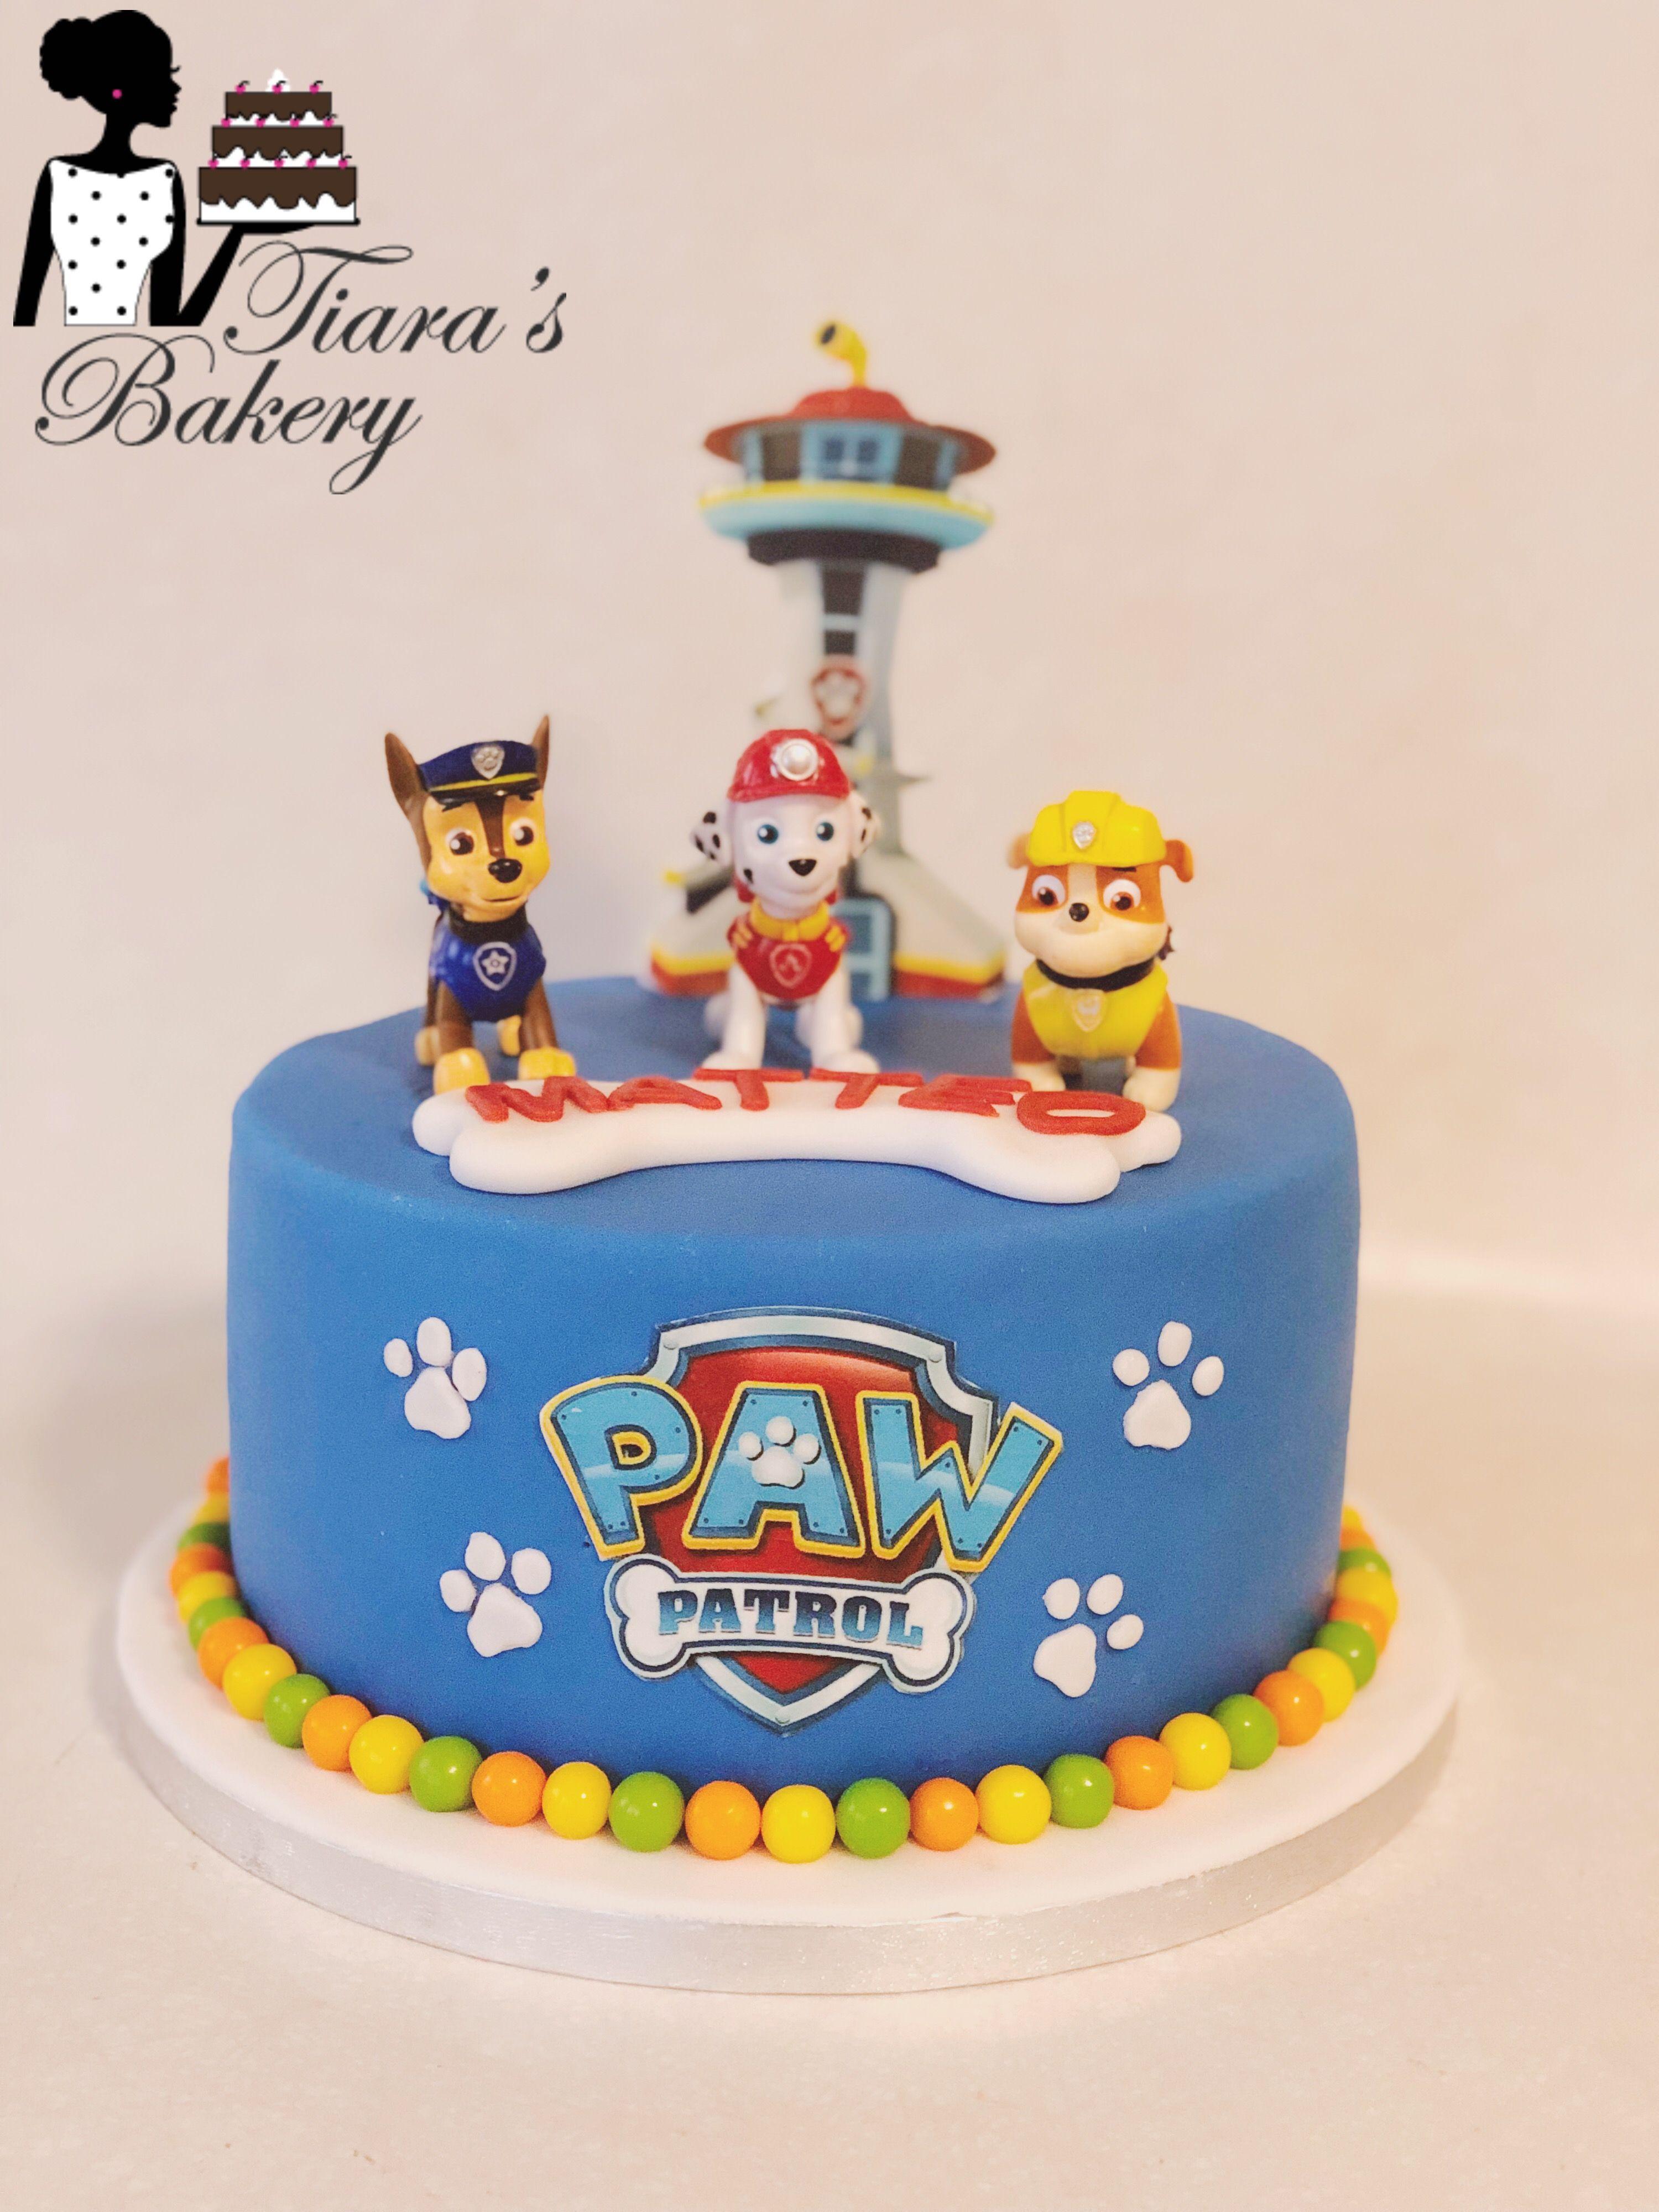 Paw Patrol Cake Paw Partrol Paw Patrol Torte Paw Patrol Party Paw Patrol Kuchen Kuchen Ideen Geburtstagstorte